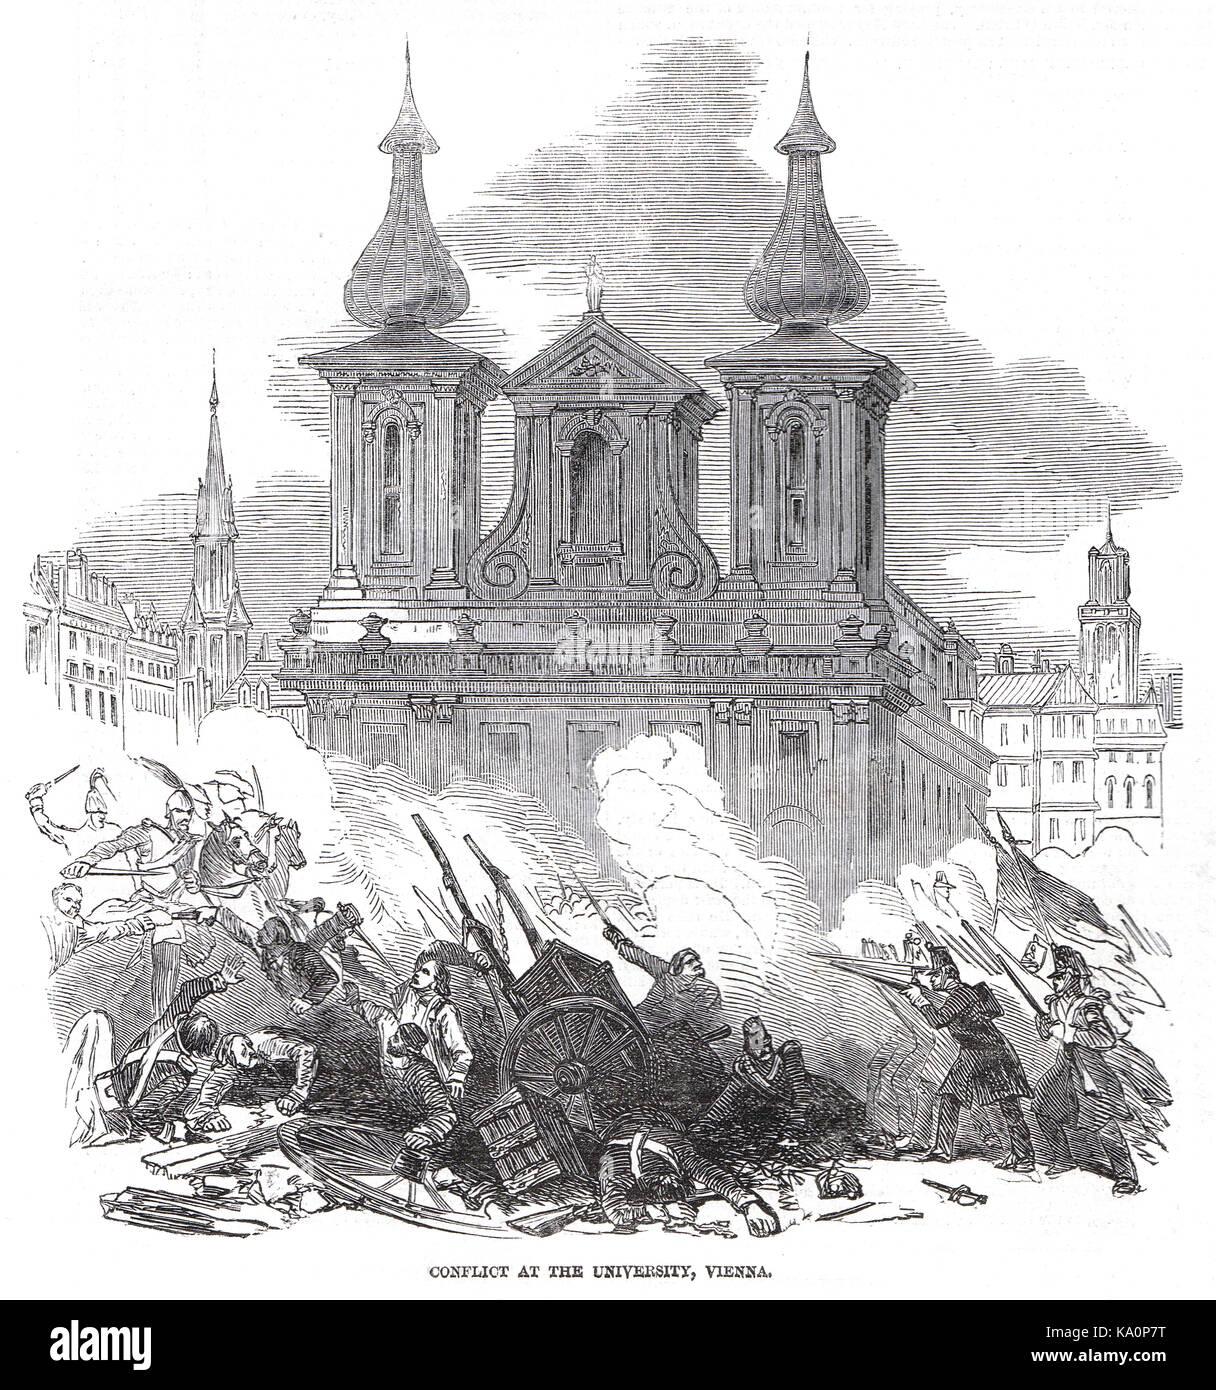 Les conflits à l'Université de Vienne, autrichien de la révolution de 1848 Banque D'Images